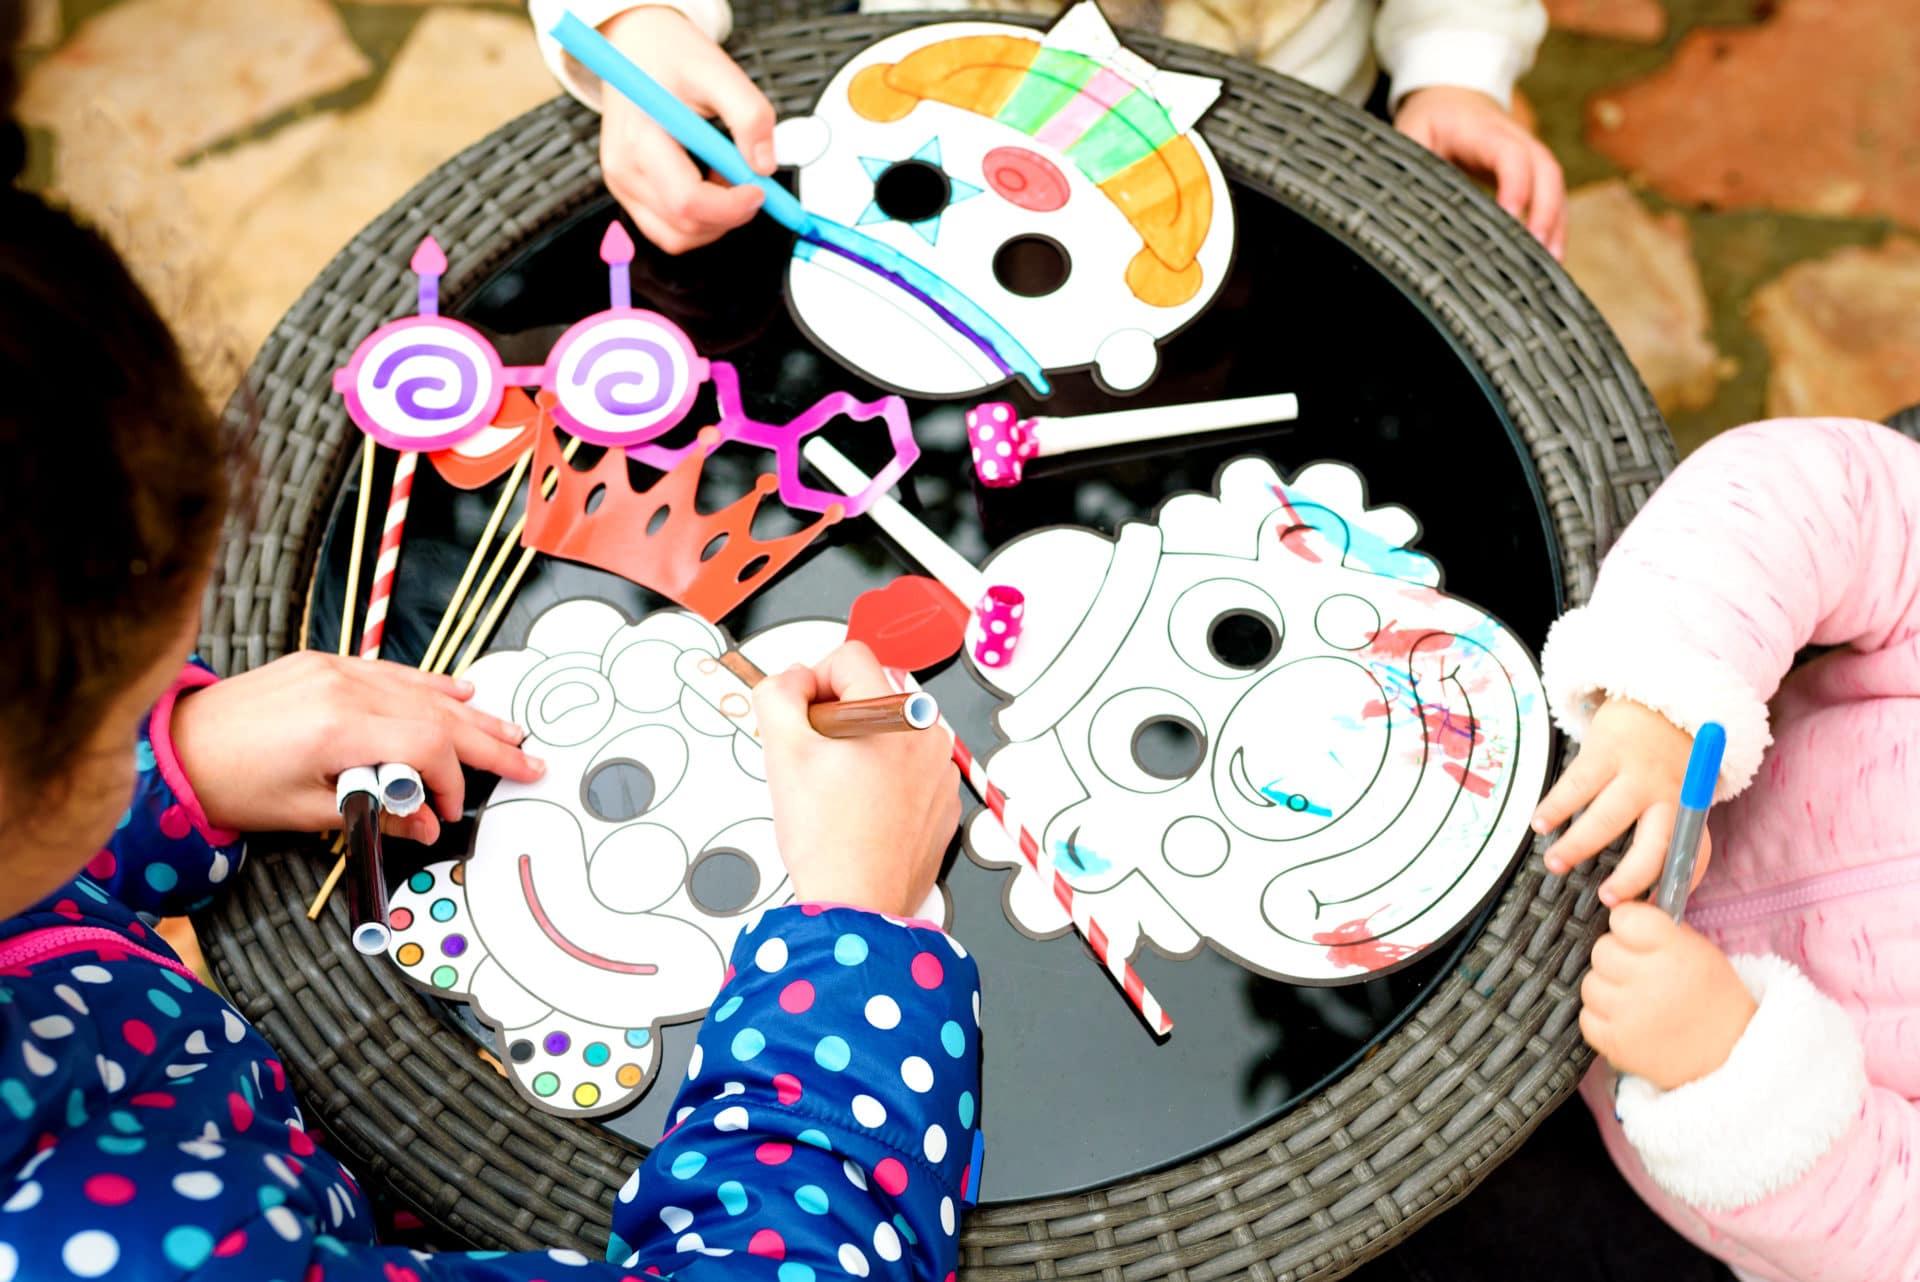 Activité Manuelle Avec Du Papier Peint fabriquer masque pour le carnaval : idées bricolage pour